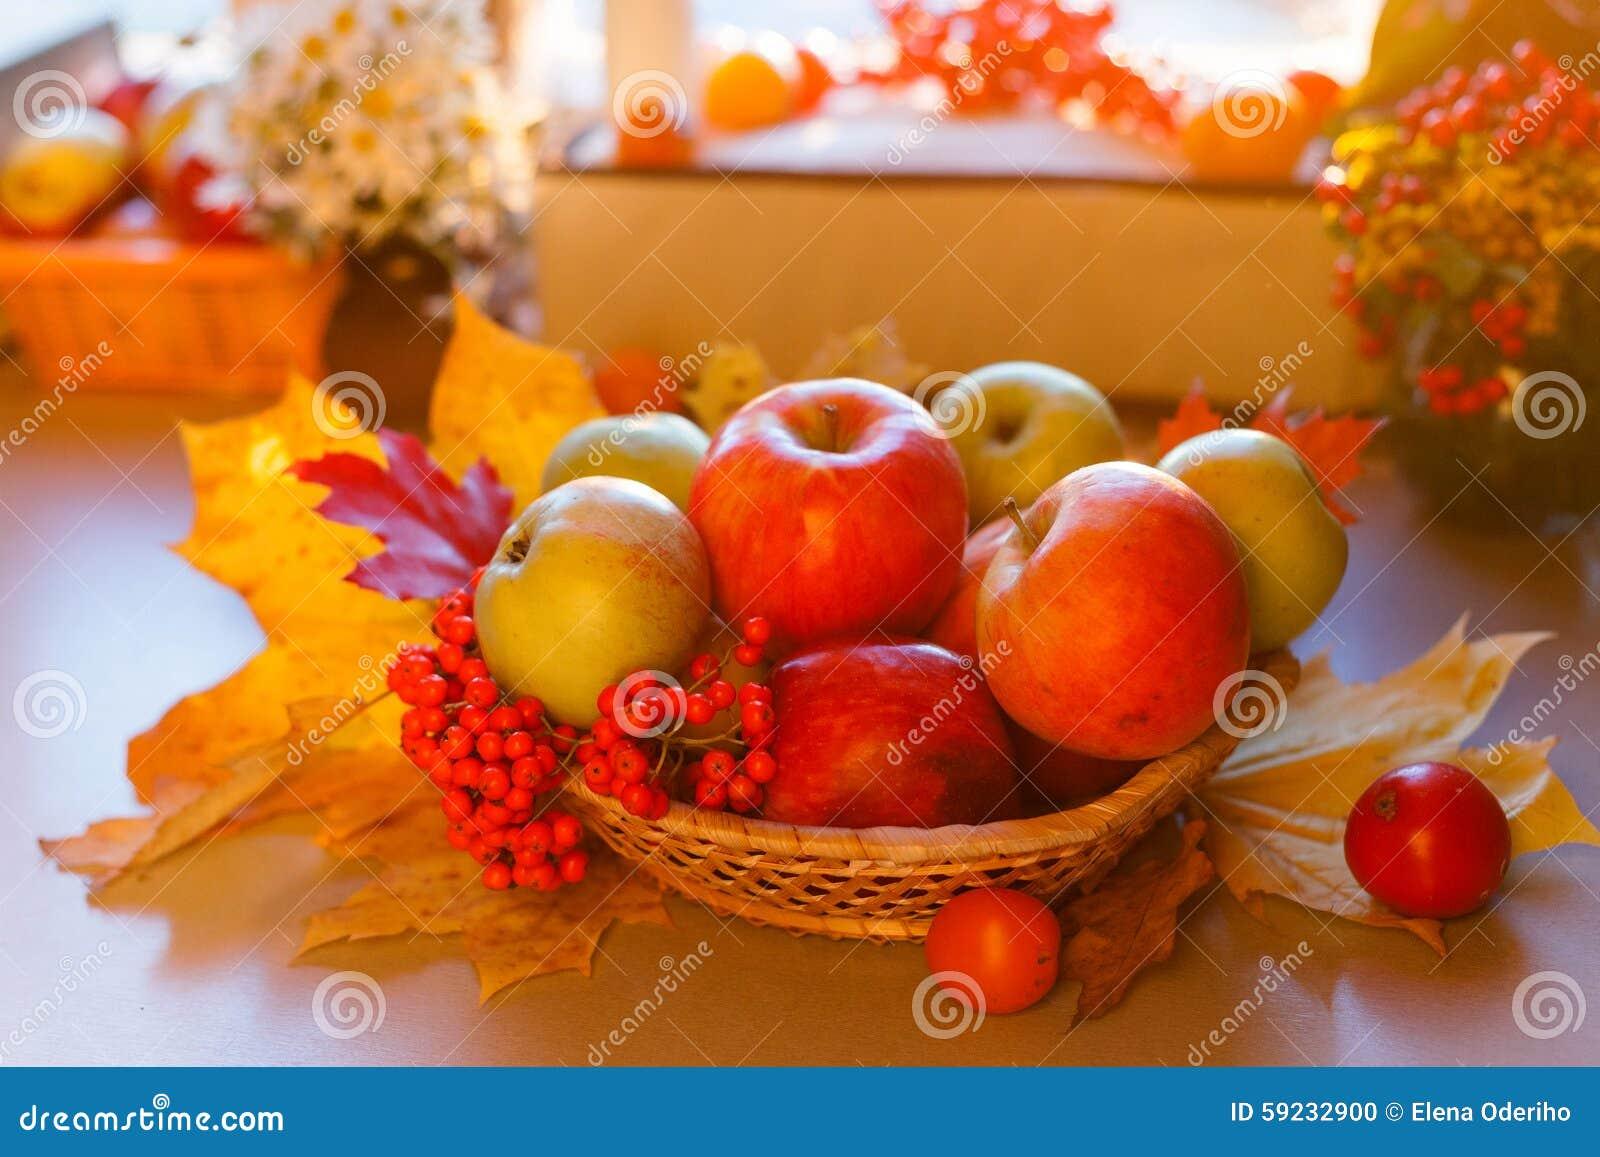 Manzanas maduras rojas con las hojas de otoño y el serbal